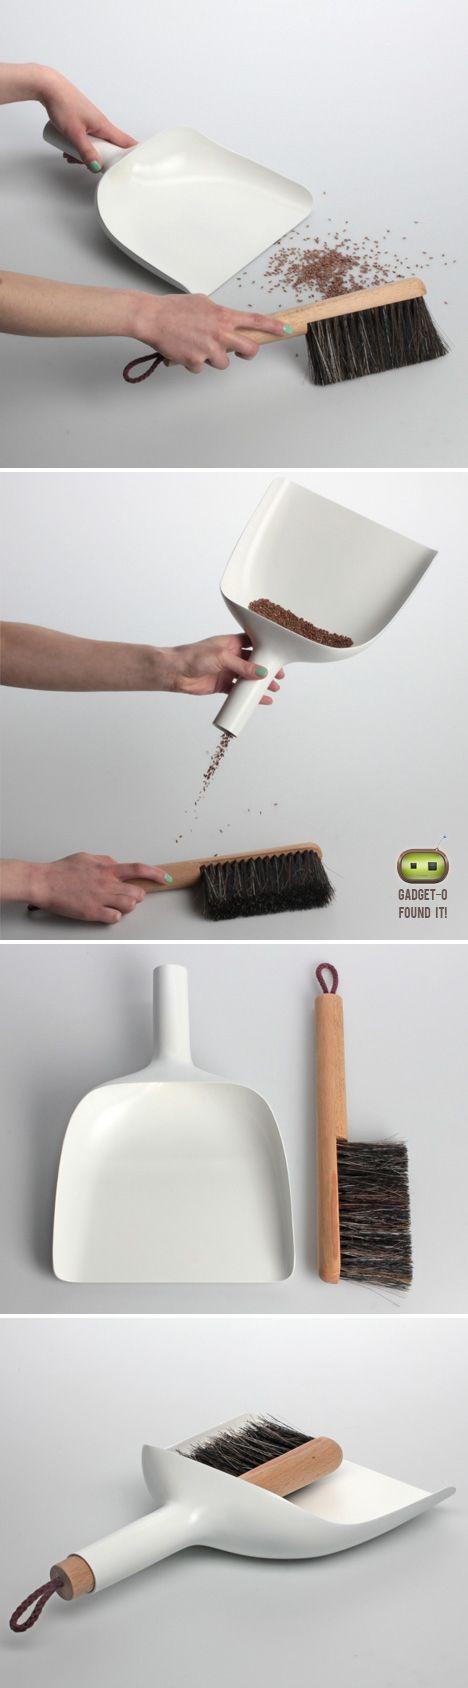 Sweeper and dustpan by Jan Kochański